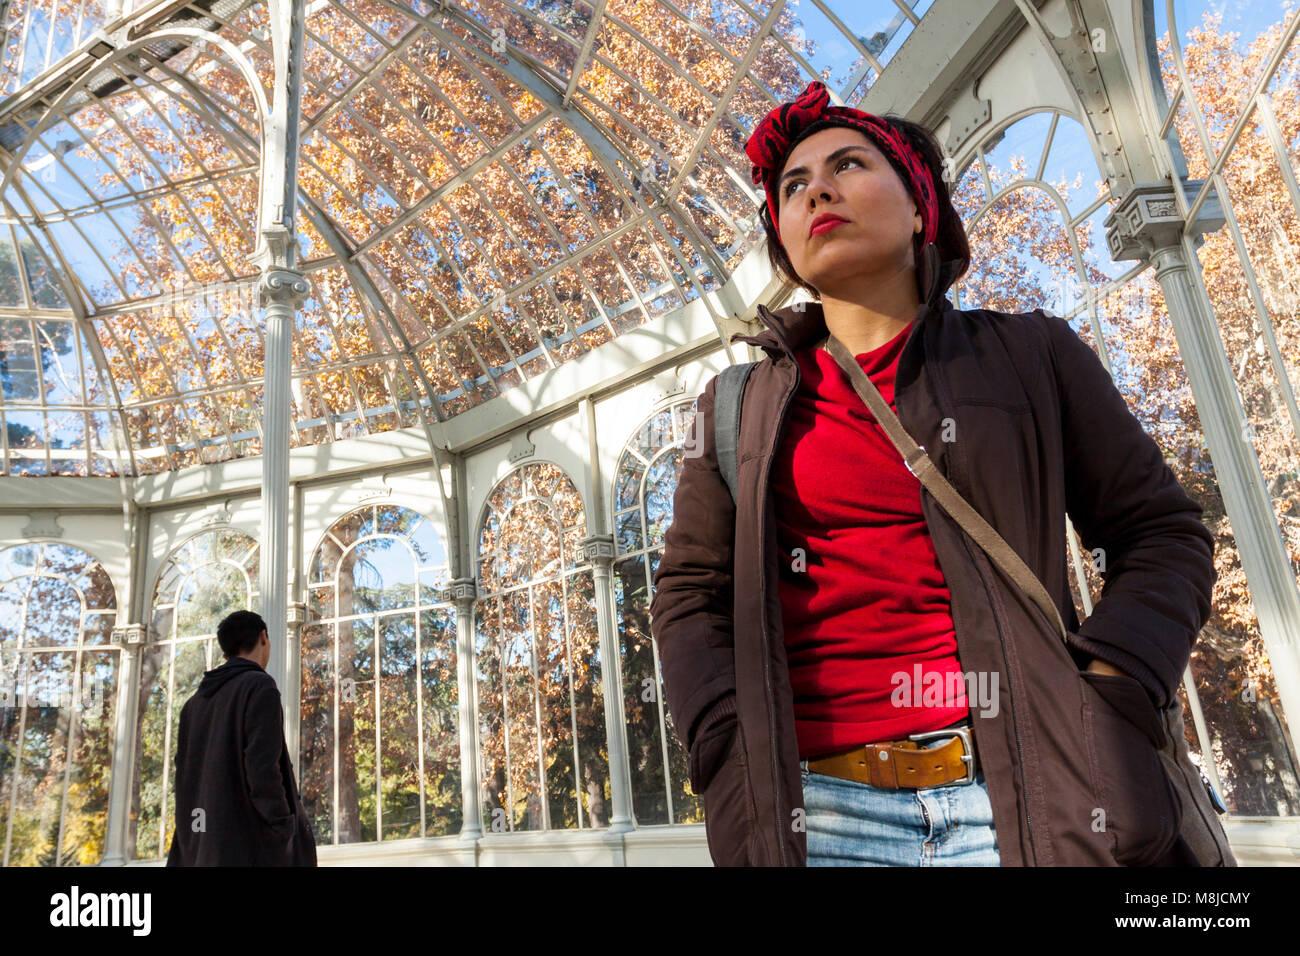 Jeune latina à à l'intérieur du palais de cristal. Madrid. Espagne Photo Stock